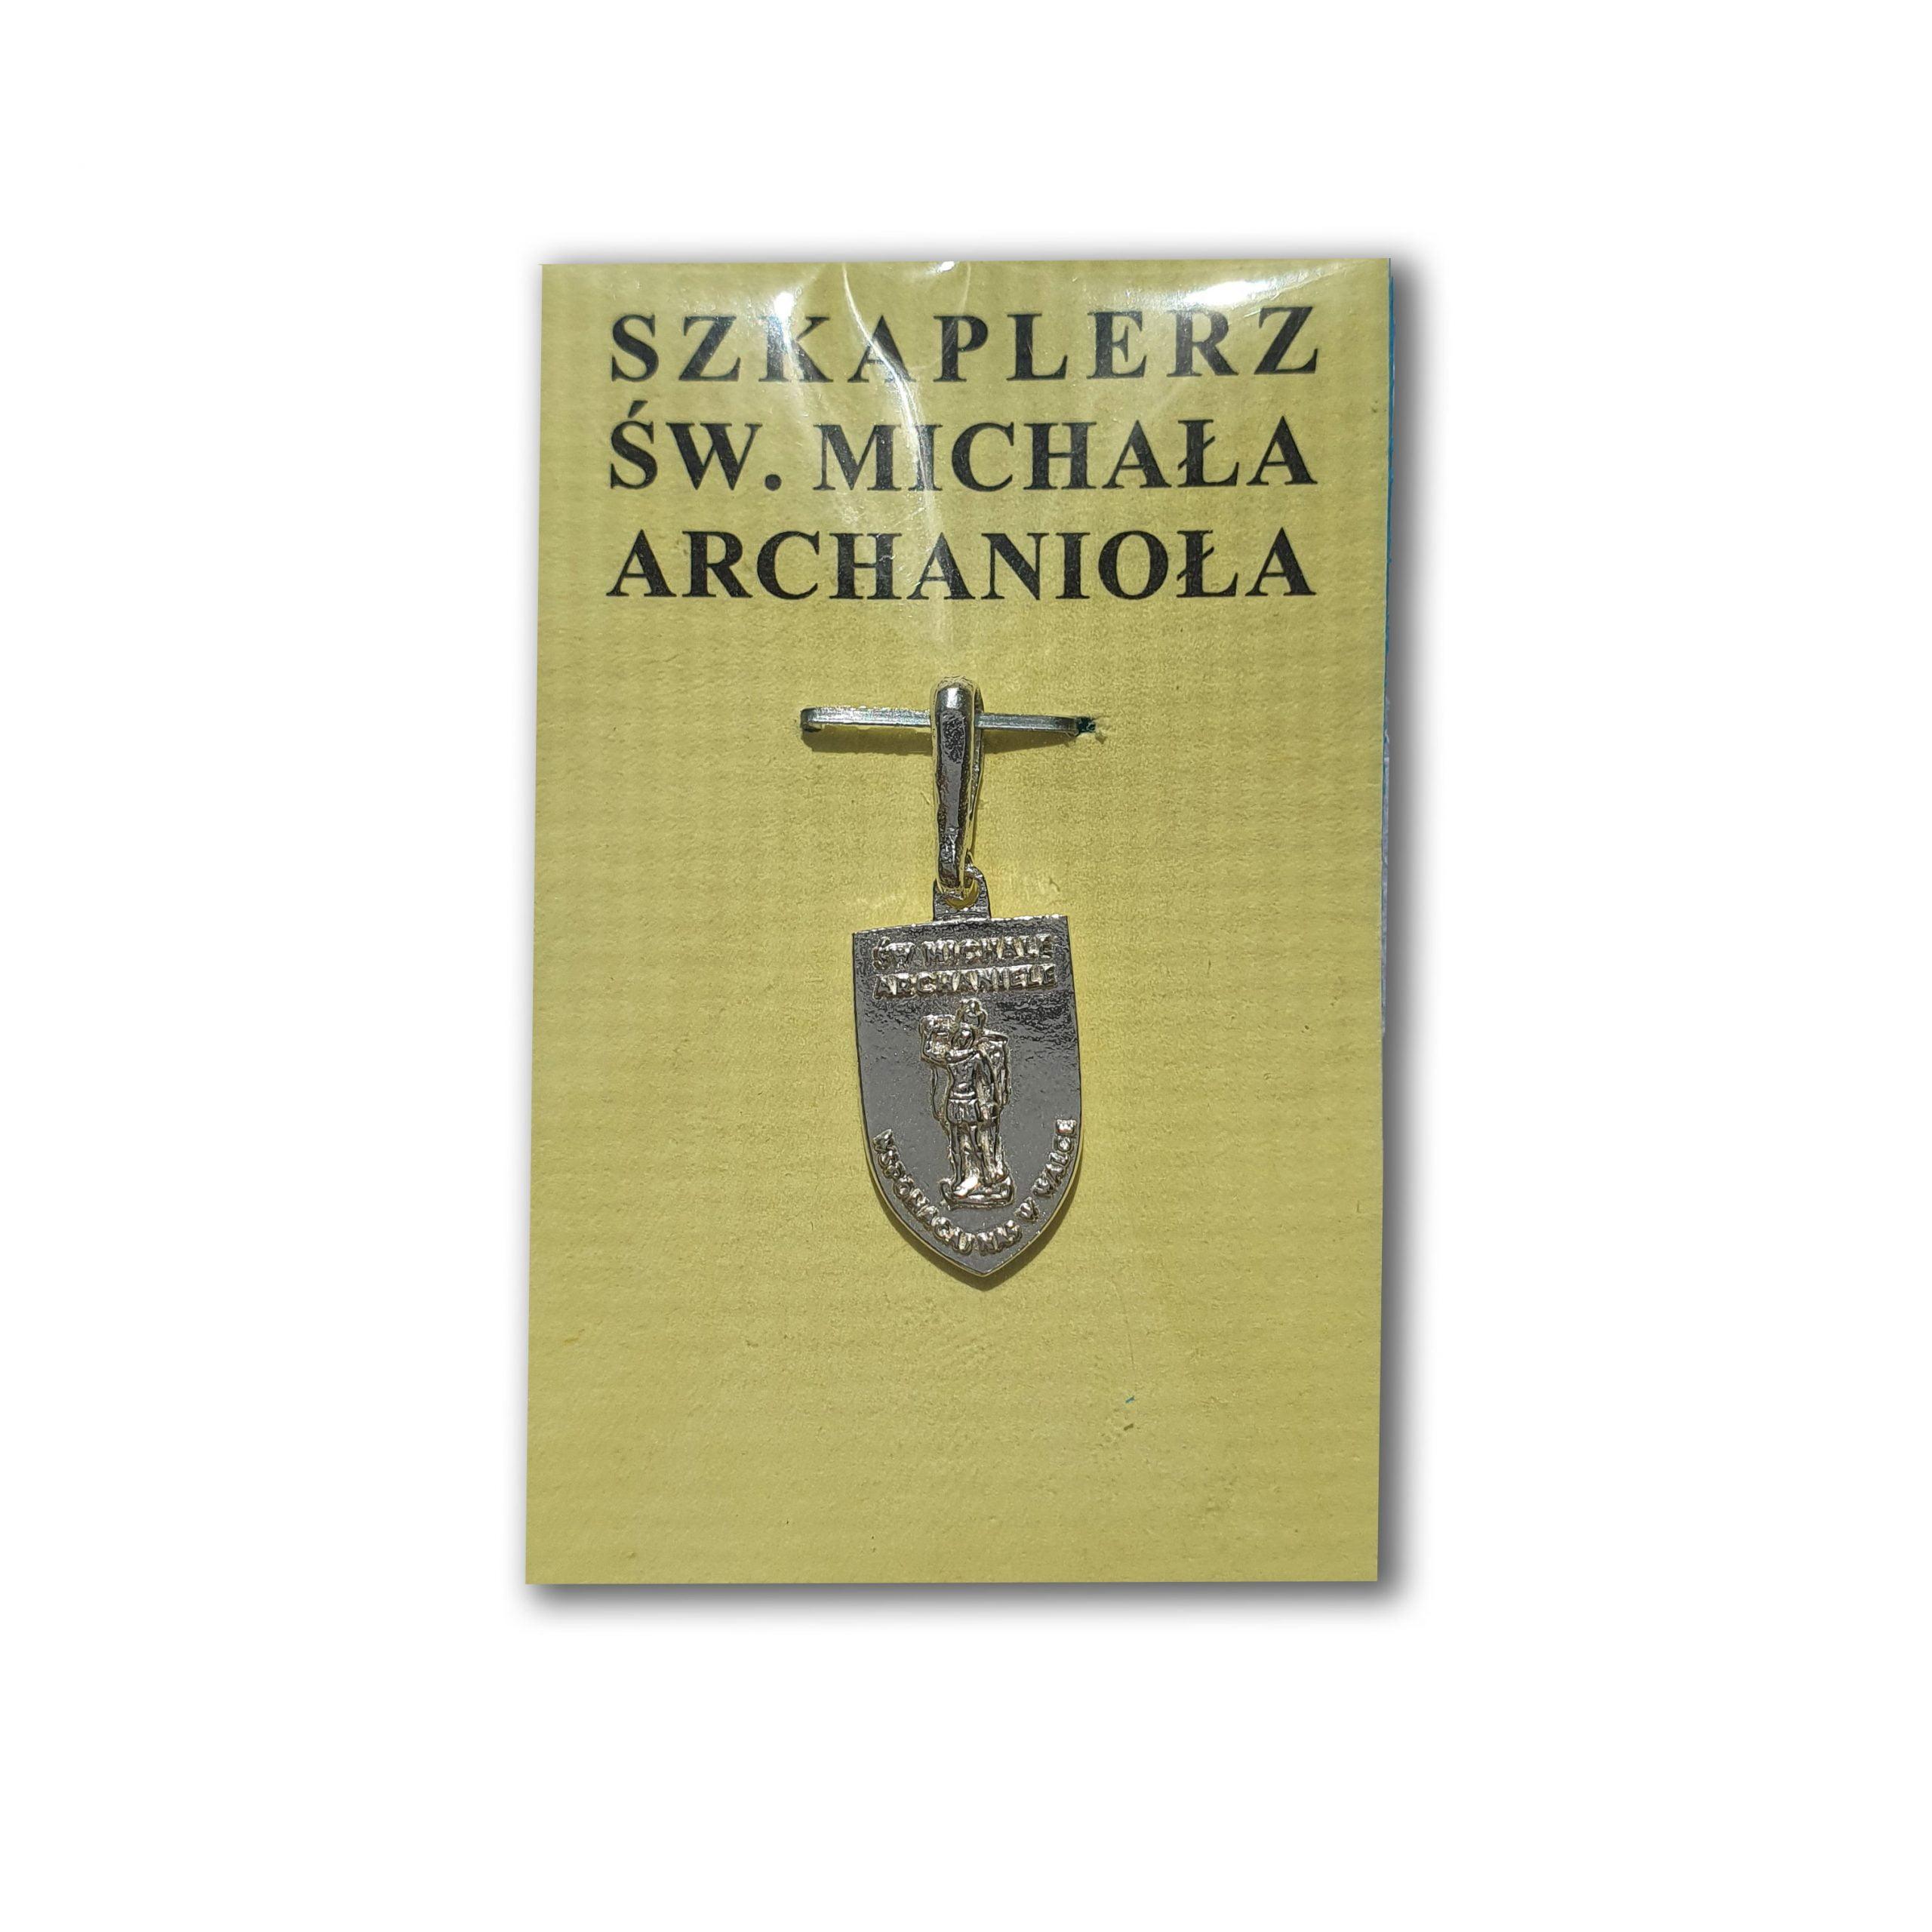 Medalik szkaplerzny św. Michała Archanioła